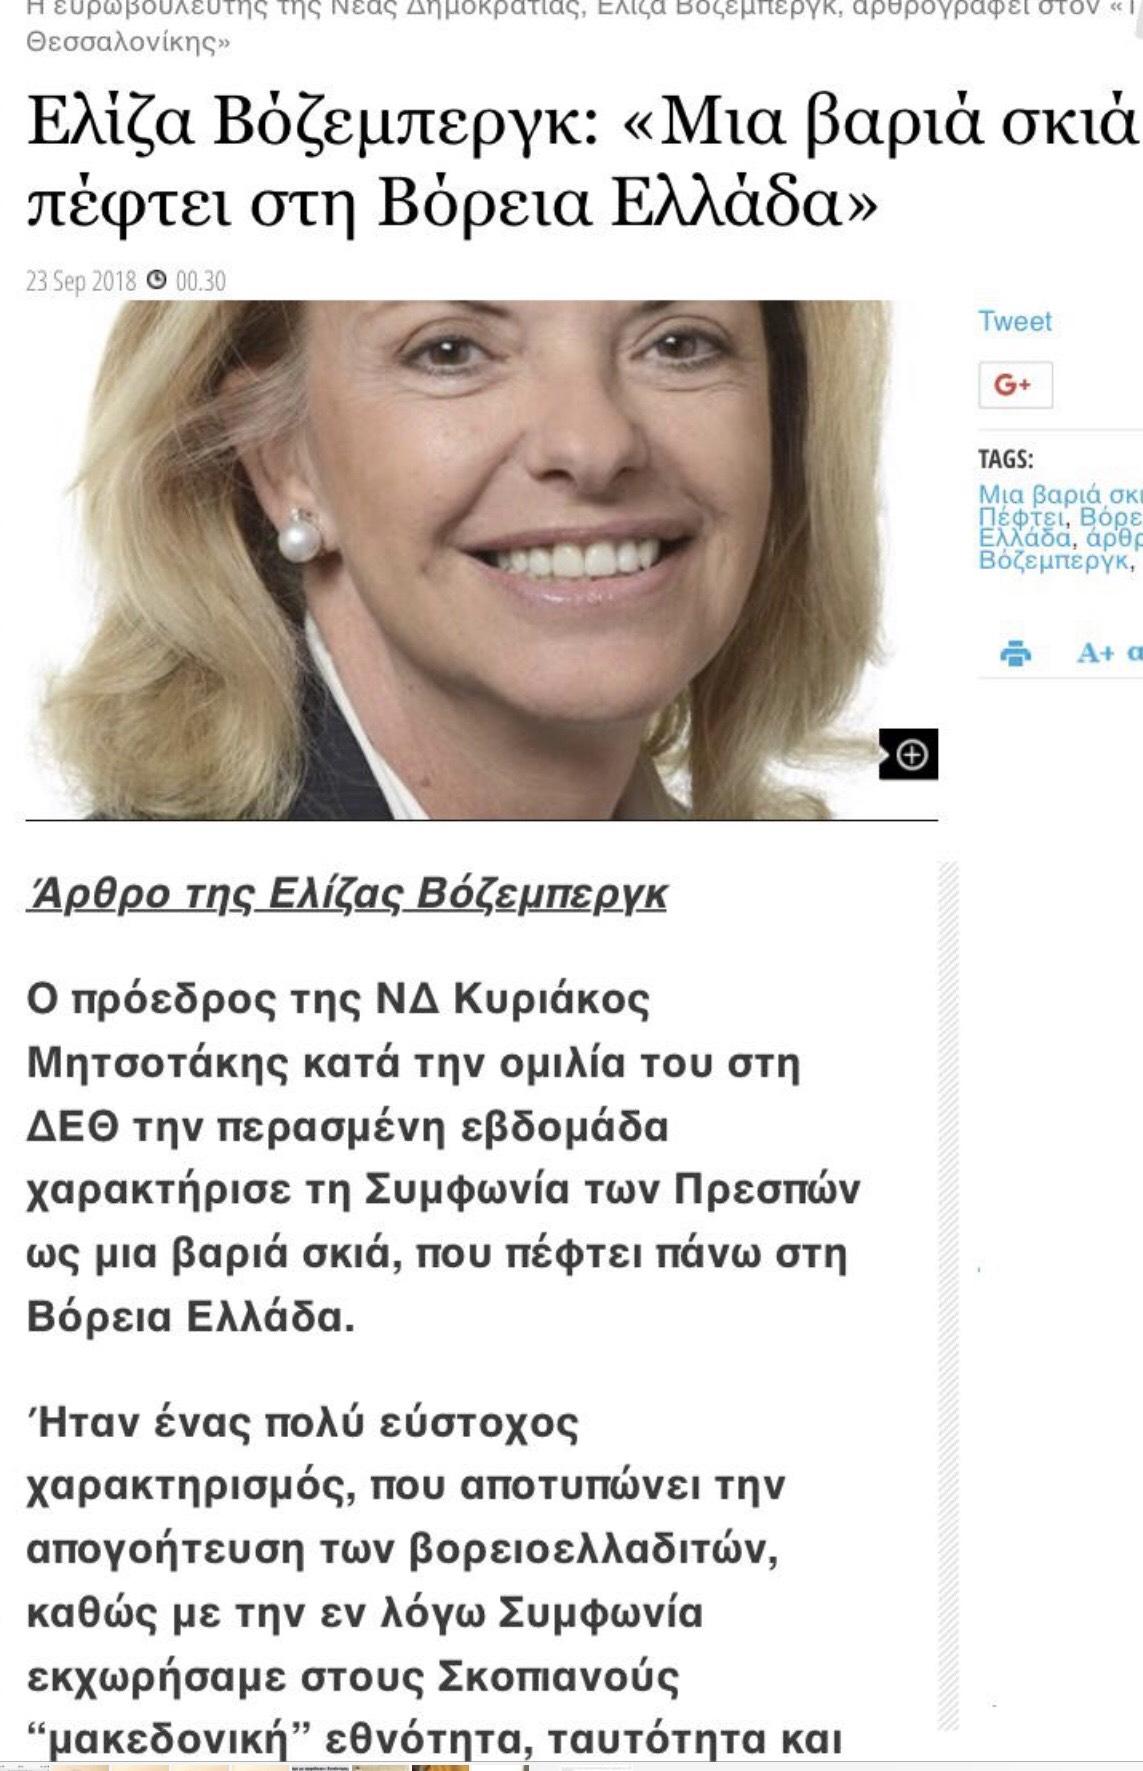 άρθρο_Βόζεμπεργκ_Μακεδονία_συμφωνία_Πρεσπών_Βαριά_σκιά_Ελλάδα